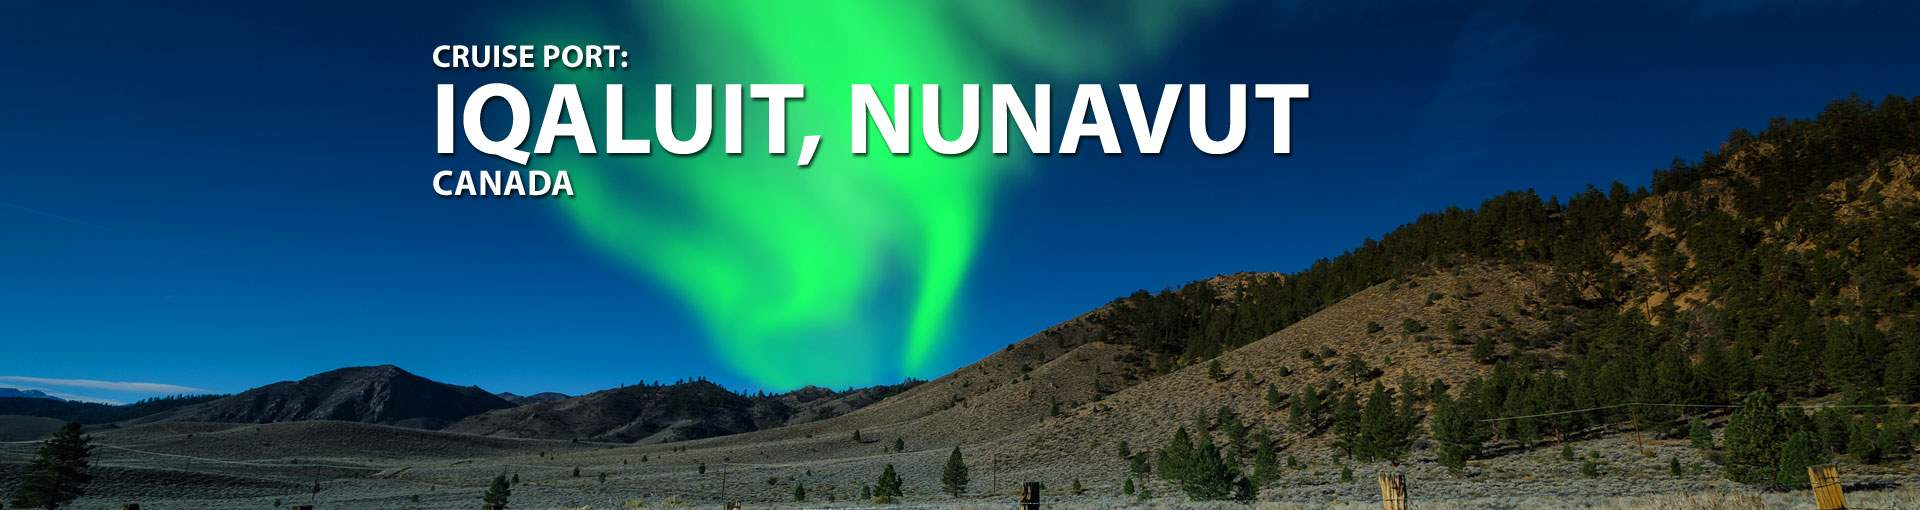 Cruises to Iqaluit, Nunavut, Canada